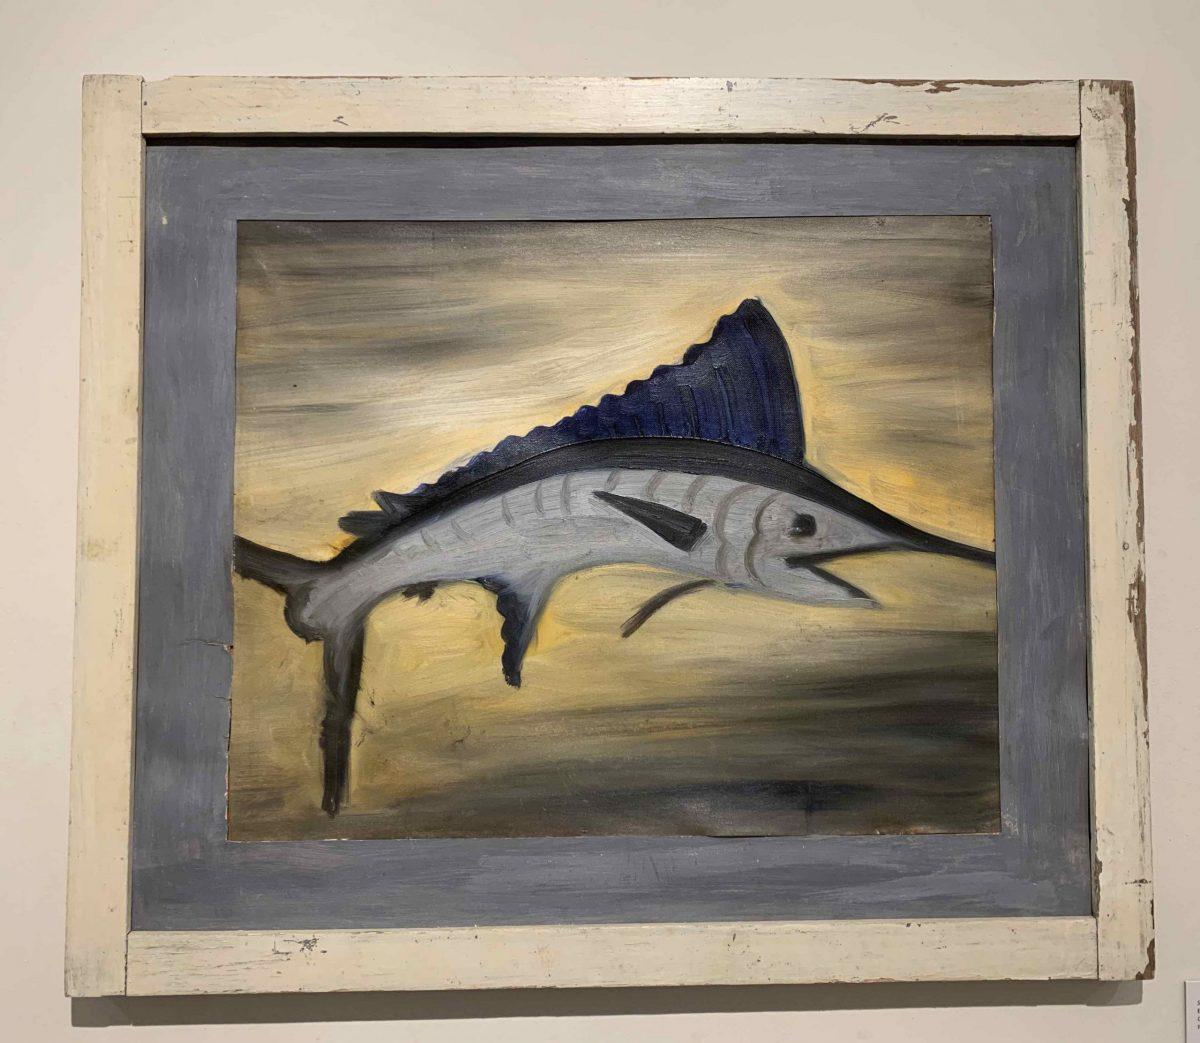 Sailfish by Ethel Davis